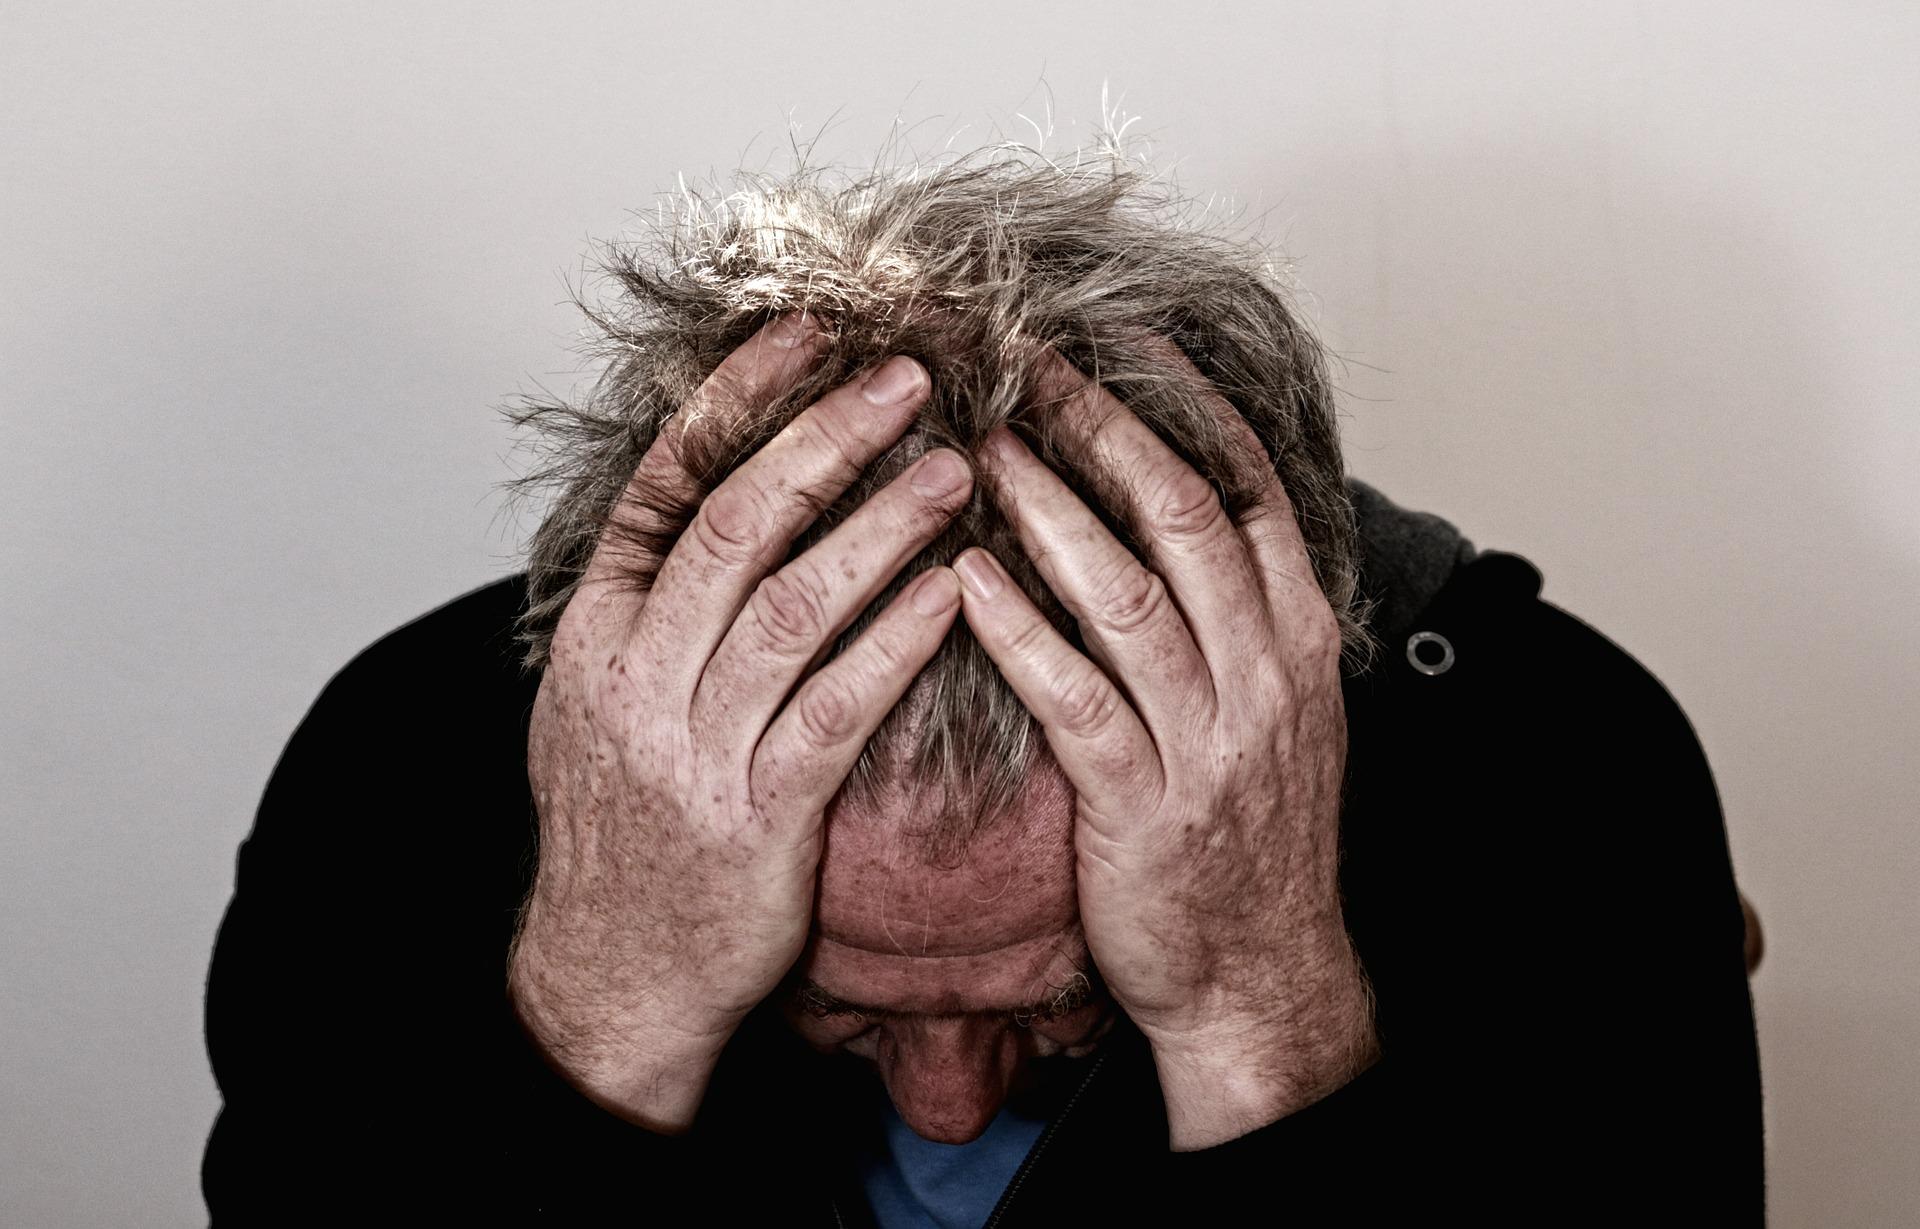 Las 5 razones más comunes que nos llevan a abandonar la terapia